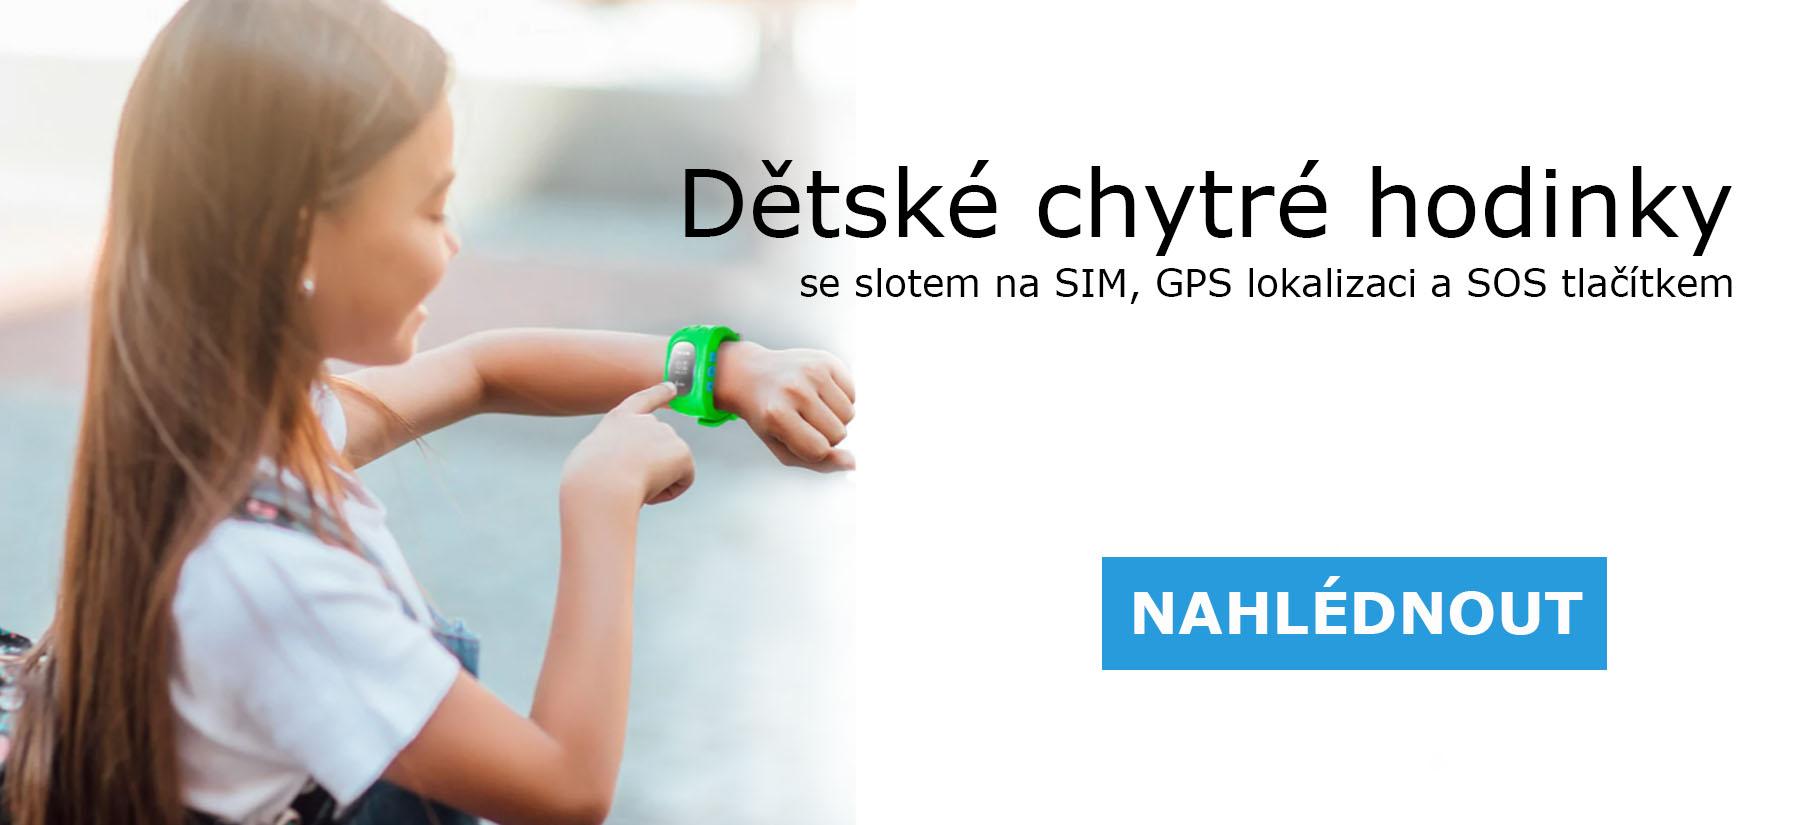 dětské chytré hodinky se slotem na SIM, GPS lokalizaci a SOS tlačítkem